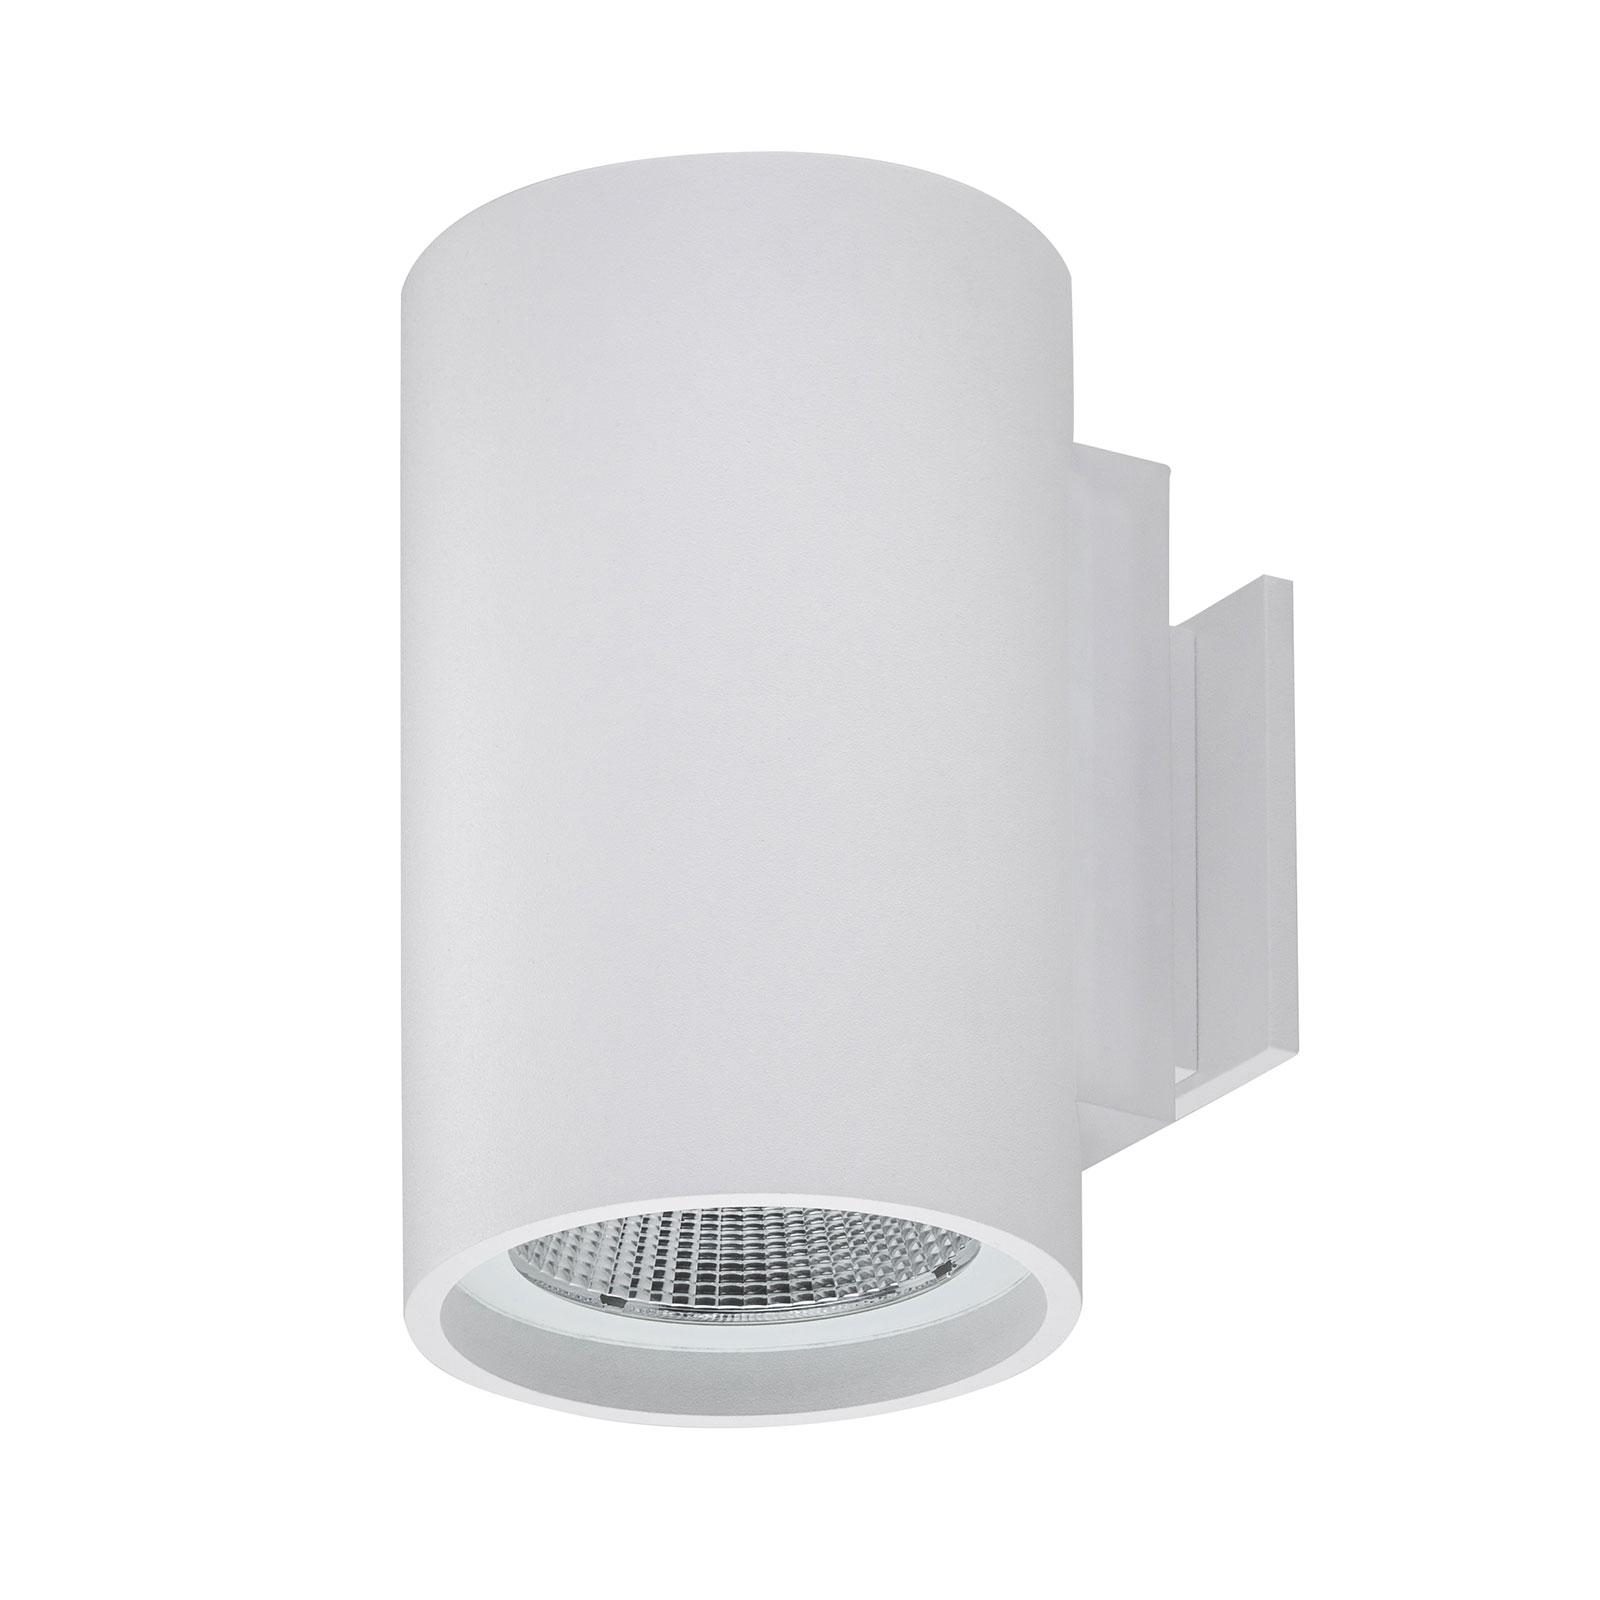 BRUMBERG Tubic LED-Wandleuchte, Zylinder